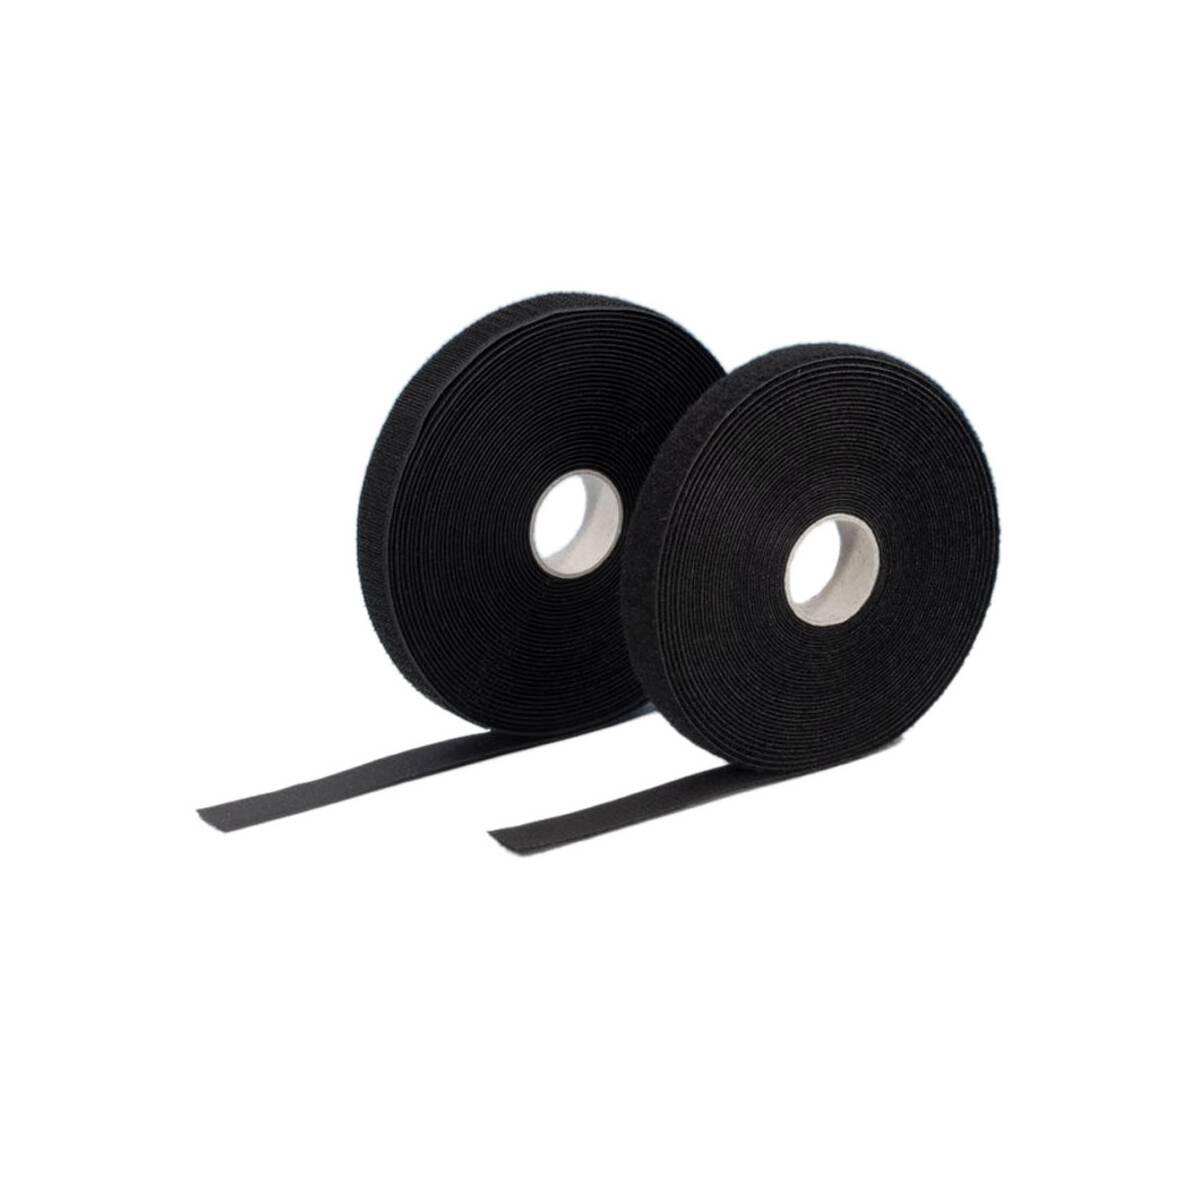 adam hall 5811 haken und flausch klettband selbstklebend doppelroll. Black Bedroom Furniture Sets. Home Design Ideas